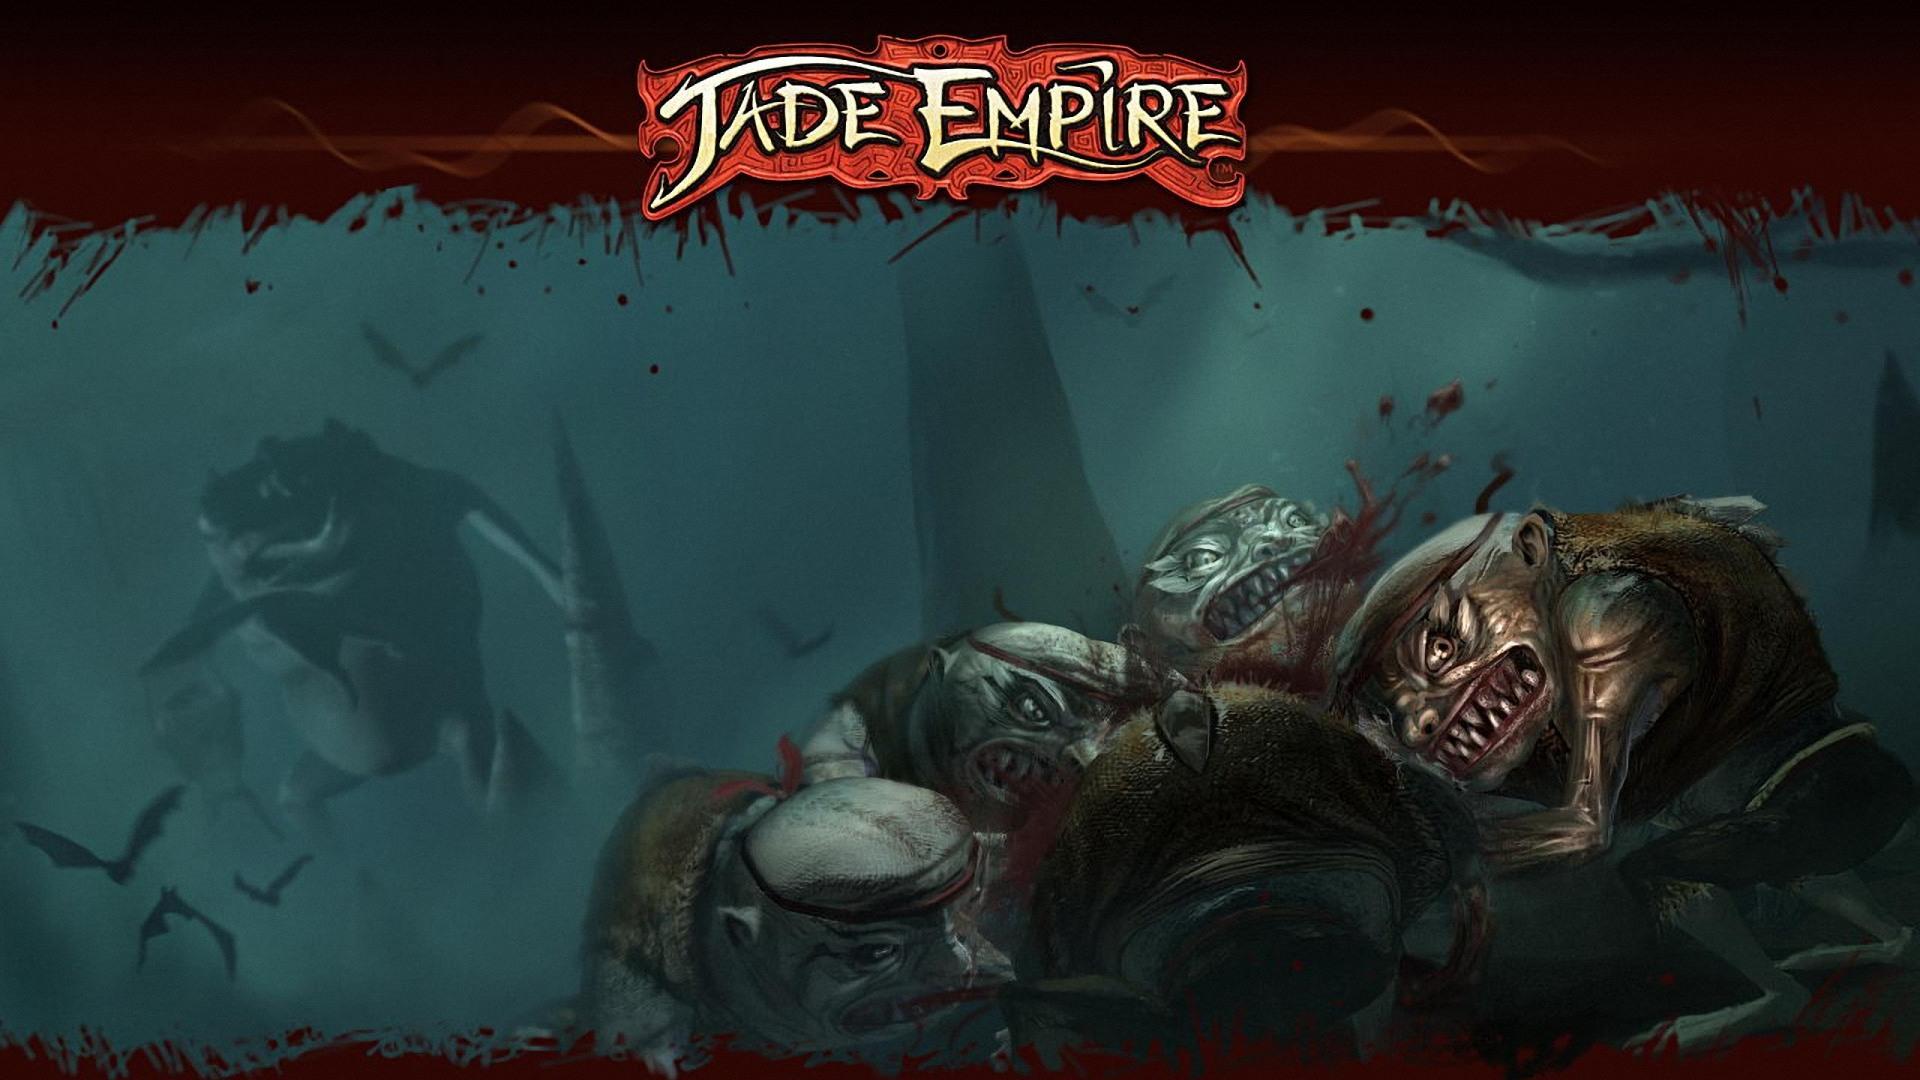 Jade empire: special edition (2005)